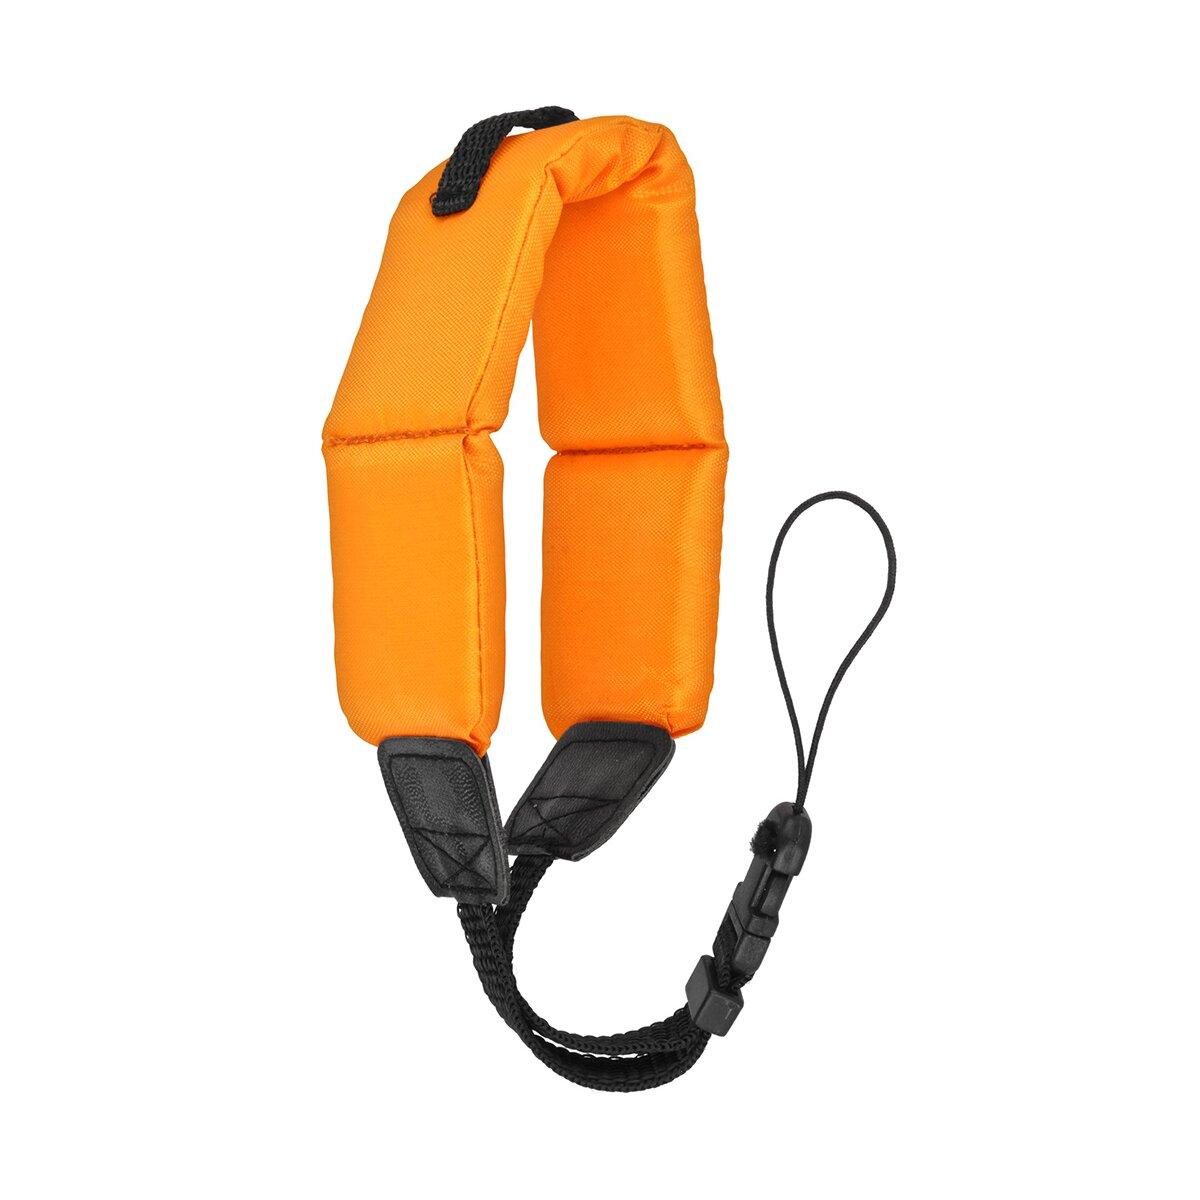 Minadax® Schwimmfähige Handschlaufe | Für Kompakt- und Unterwasserkameras | Praktisch & Sicher | Orange